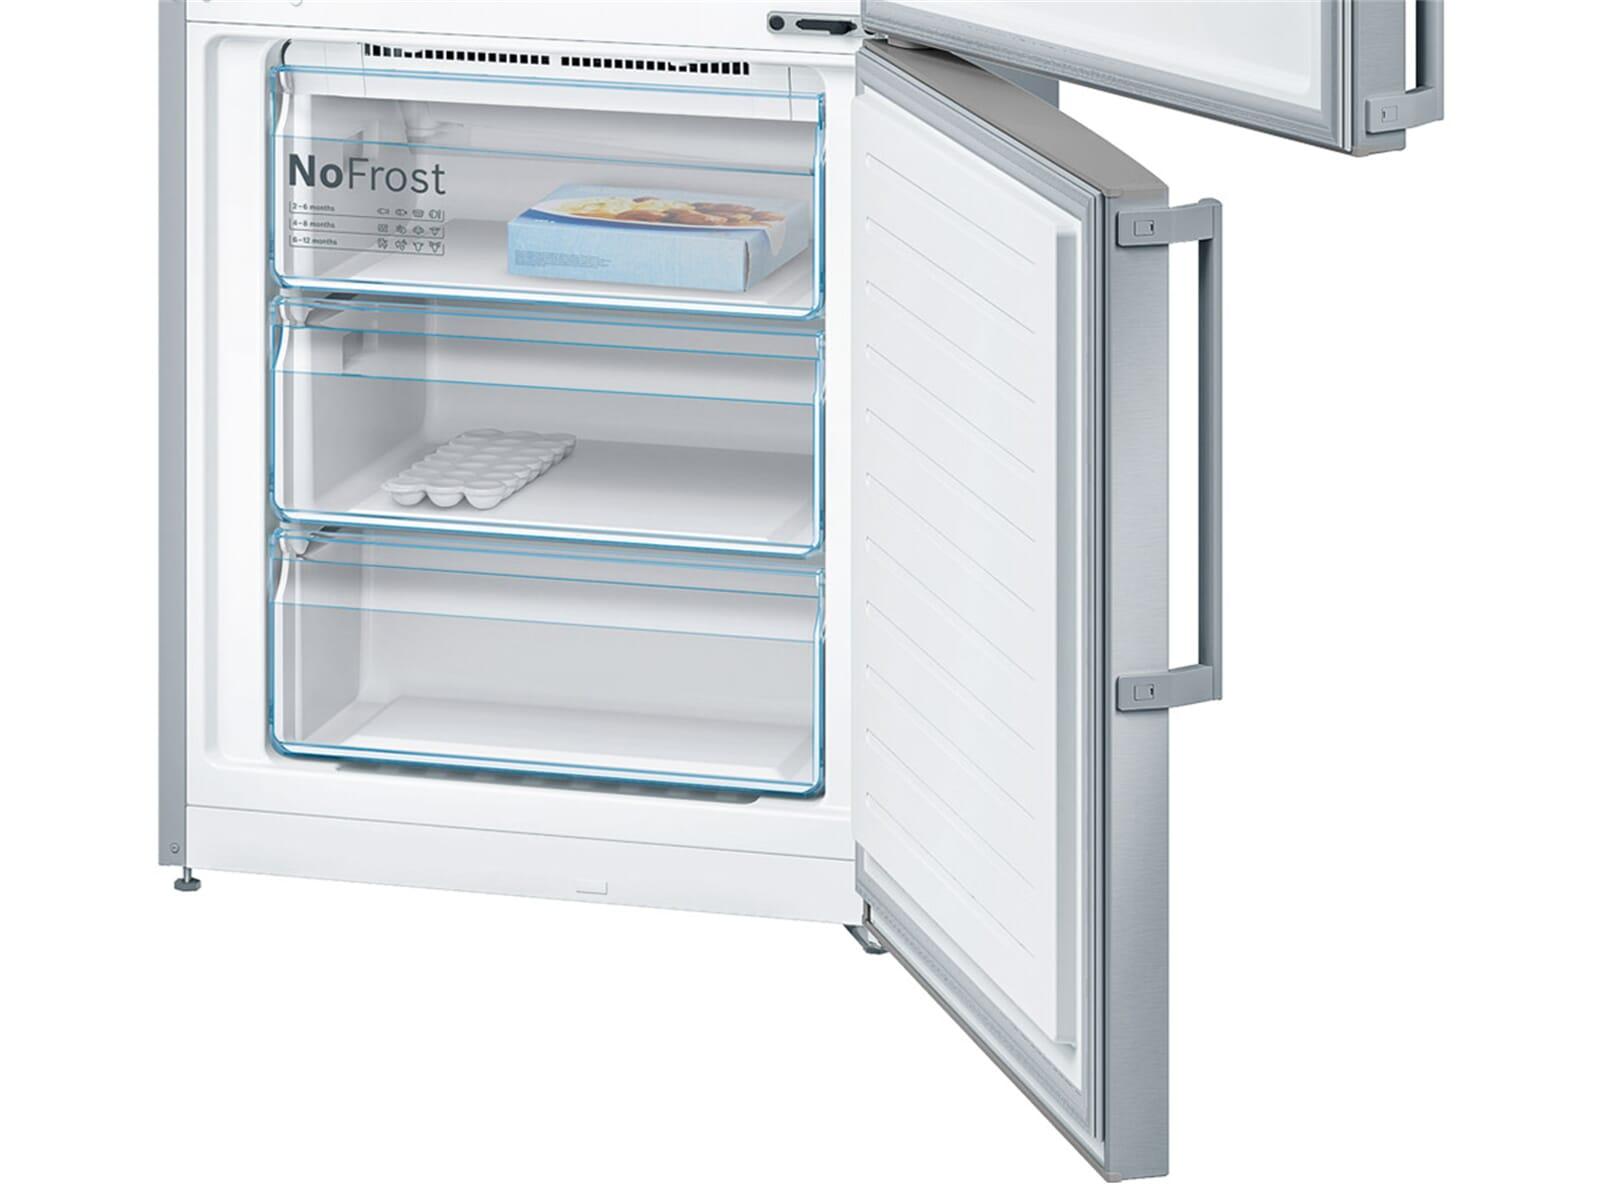 Bosch Kühlschrank Kgn 39 Xi 45 : Kühl gefrierkombination edelstahl bosch kgn ai a